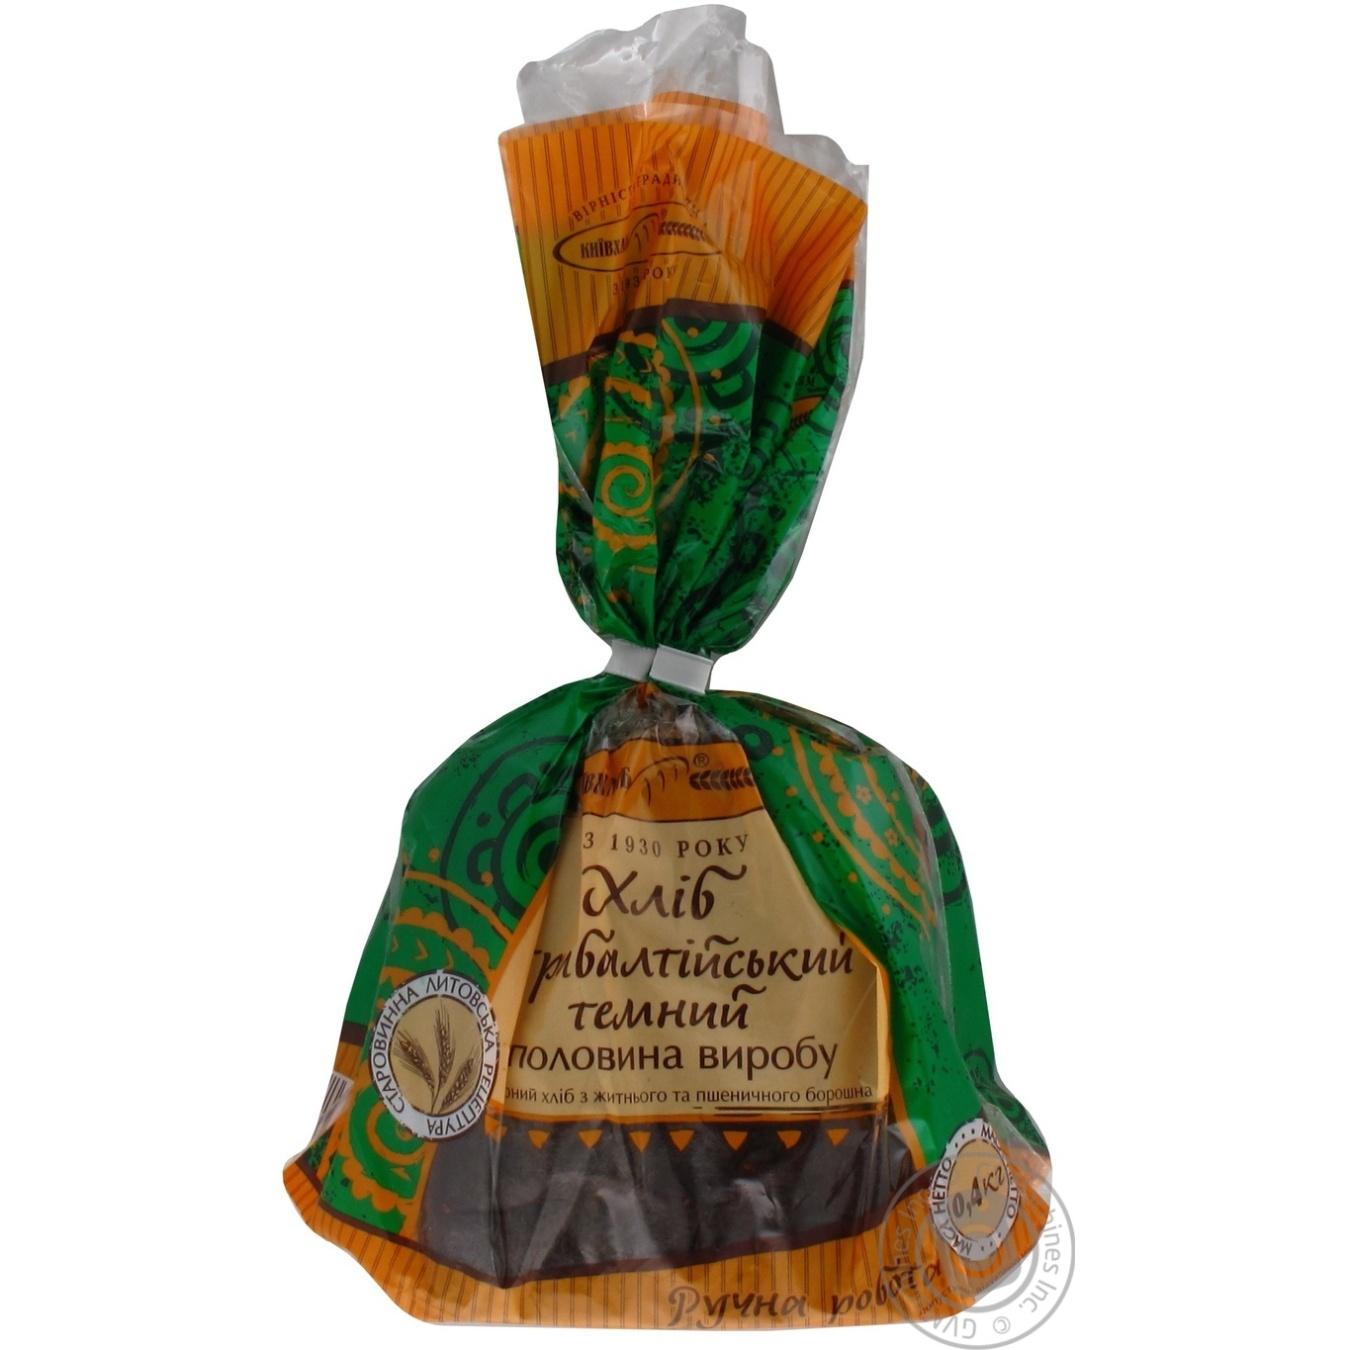 Хлеб КиевХлеб Прибалтийский темный заварной ржано-пшеничный половинка 400г